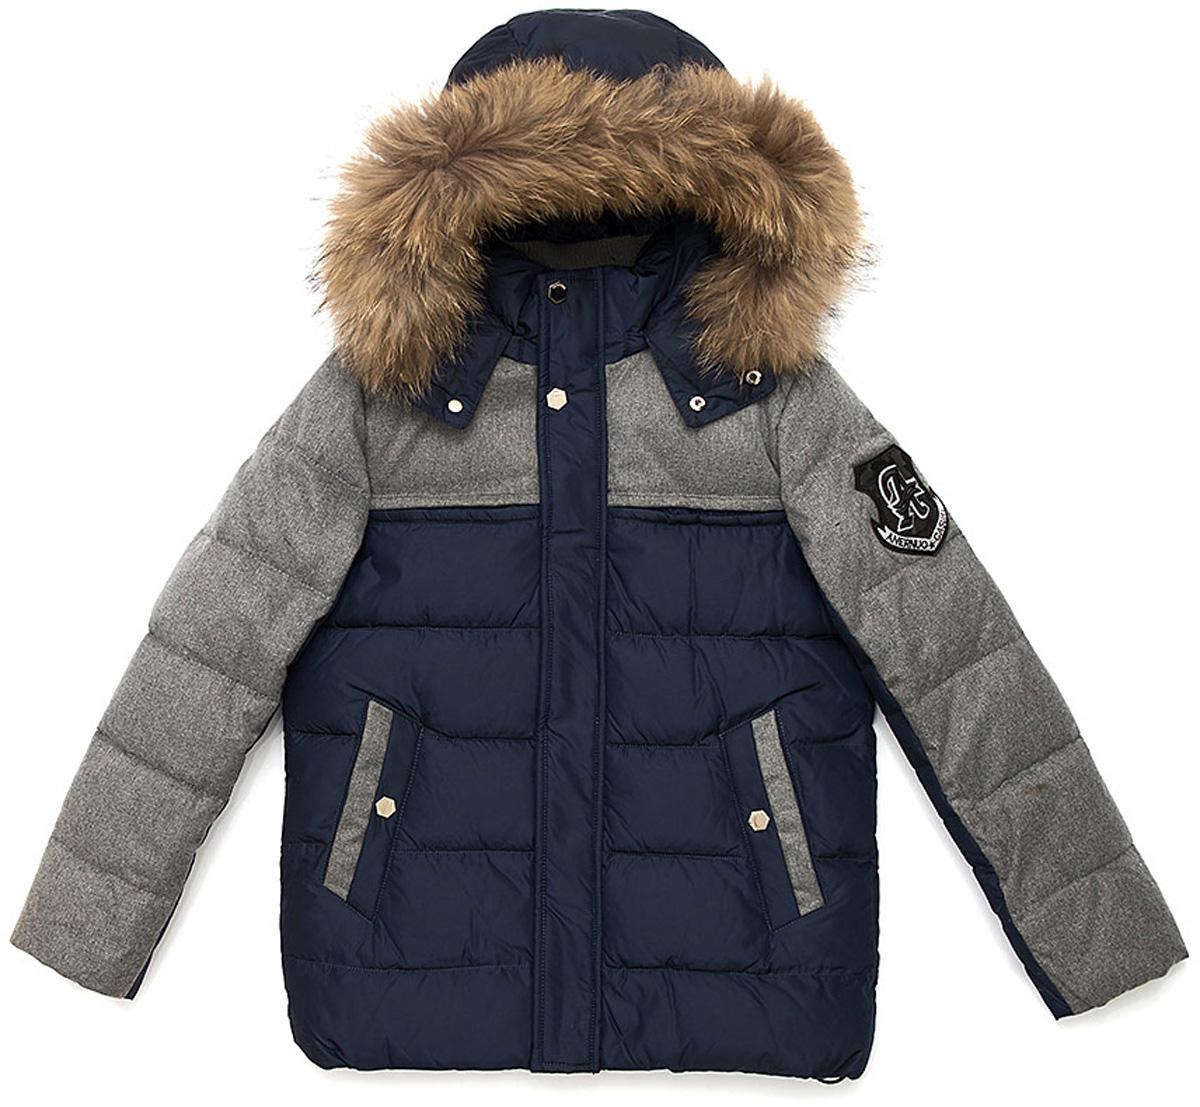 Куртка для мальчика Vitacci, цвет: синий. 1171484-04. Размер 1301171484-04Удлиненная куртка для мальчика Vitacci, изготовленная из полиэстера, станет стильнымдополнением к детскому гардеробу.Подкладка выполнена из полиэстера и дополнительно утеплена флисом по спинке. В качестве наполнителя используется биопух.Куртка застегивается на пластиковую застежку-молнию и имеет внешнюю ветрозащитную планку, а также съемный капюшон с отделкой из натурального меха. Изделие оформлено декоративными элементами и нашивками.Температурный режим от -10°С до -25°С.Теплая, удобная и практичная куртка идеально подойдет юному моднику для прогулок!